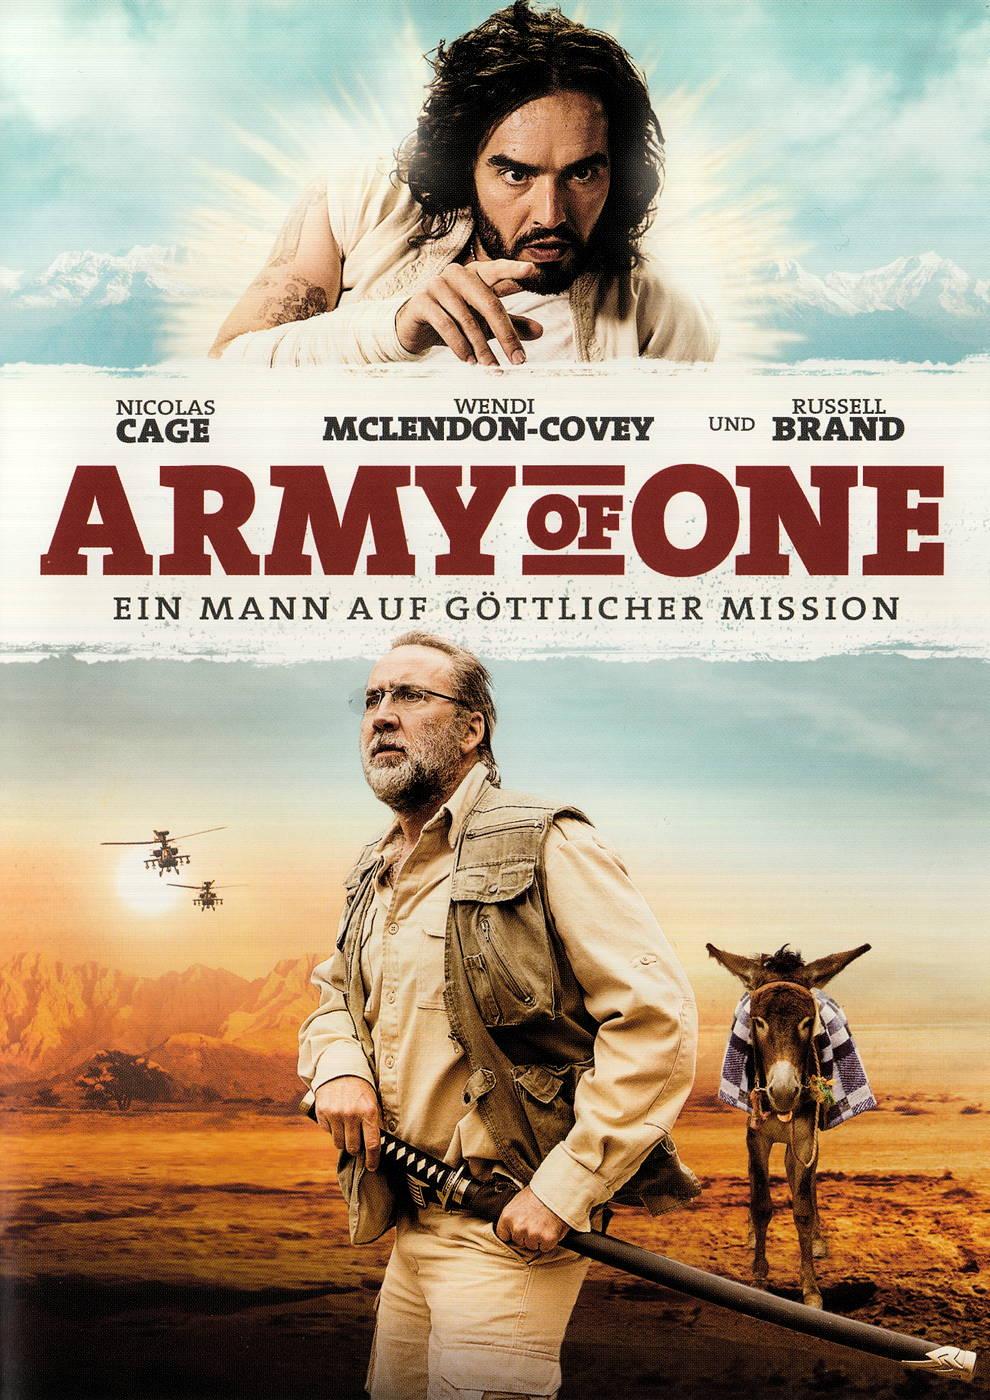 film army of one ein mann auf g ttlicher mission auf dvd oder blu ray kaufen moviesale die. Black Bedroom Furniture Sets. Home Design Ideas